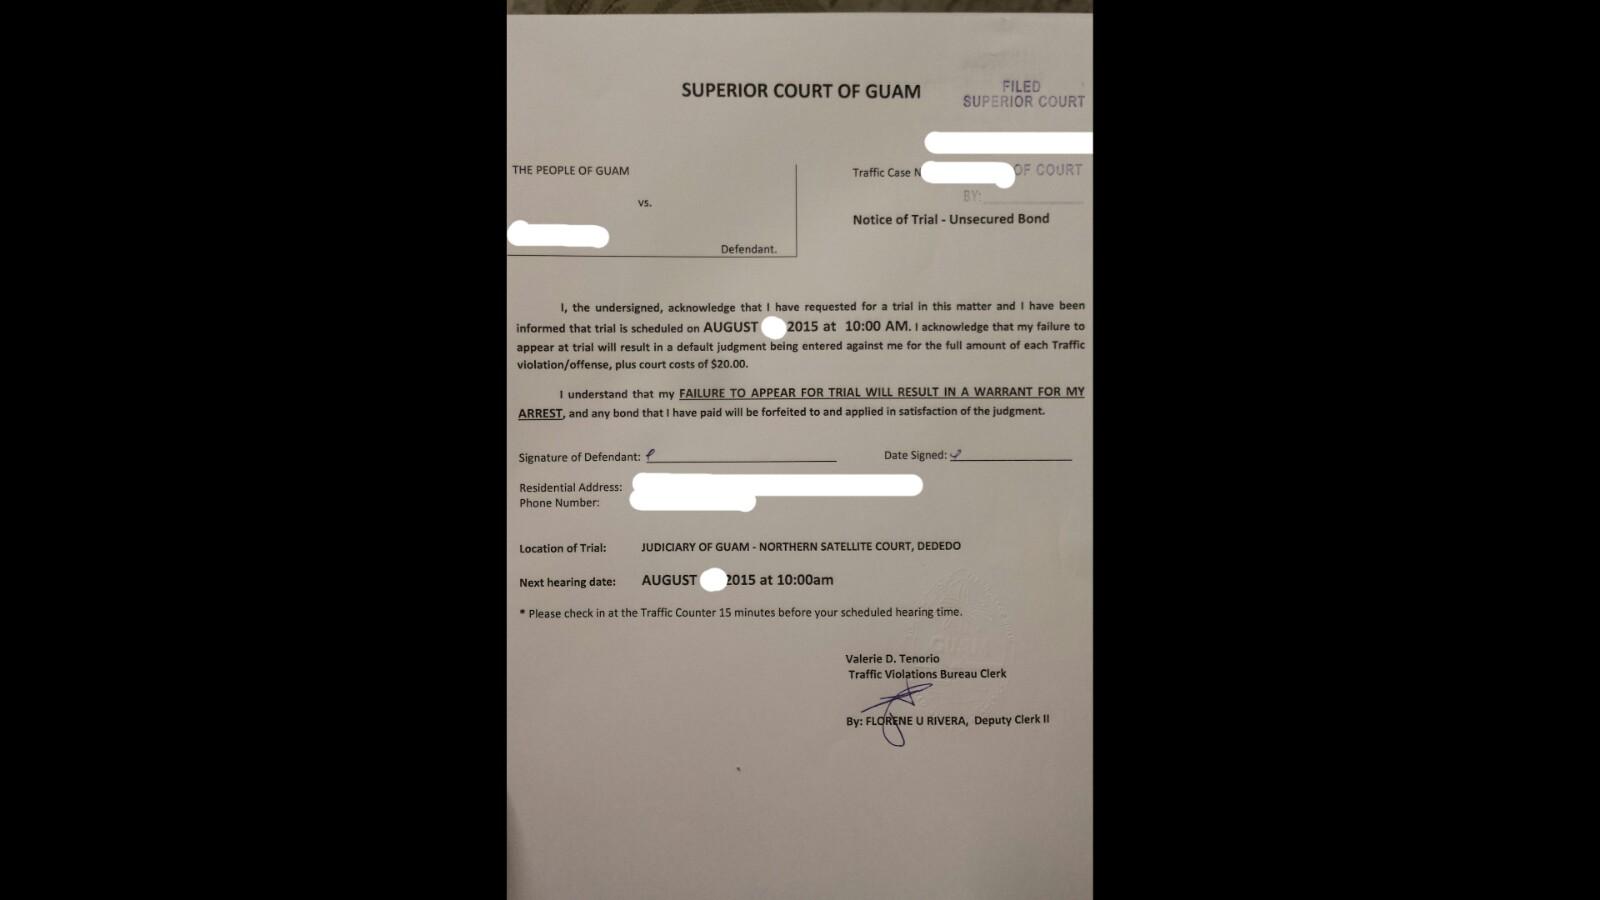 グアム簡易裁判書類